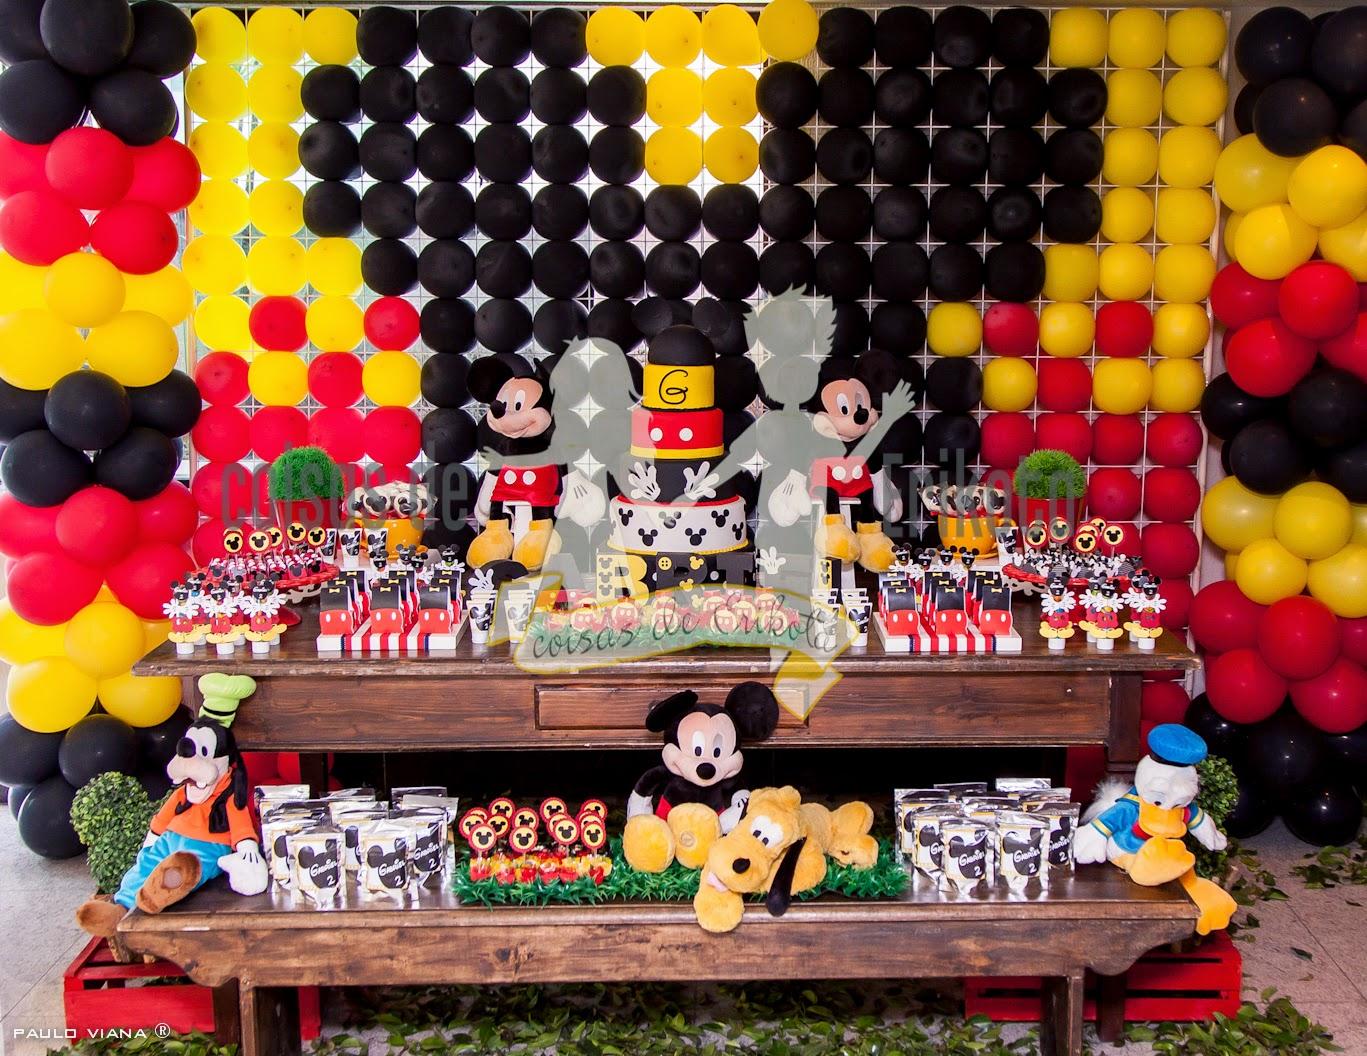 mesa de festa personalizada com bolo, doces e bonecos em pelúcia do mickey.Atrás da mesa tem uma tela de balões.